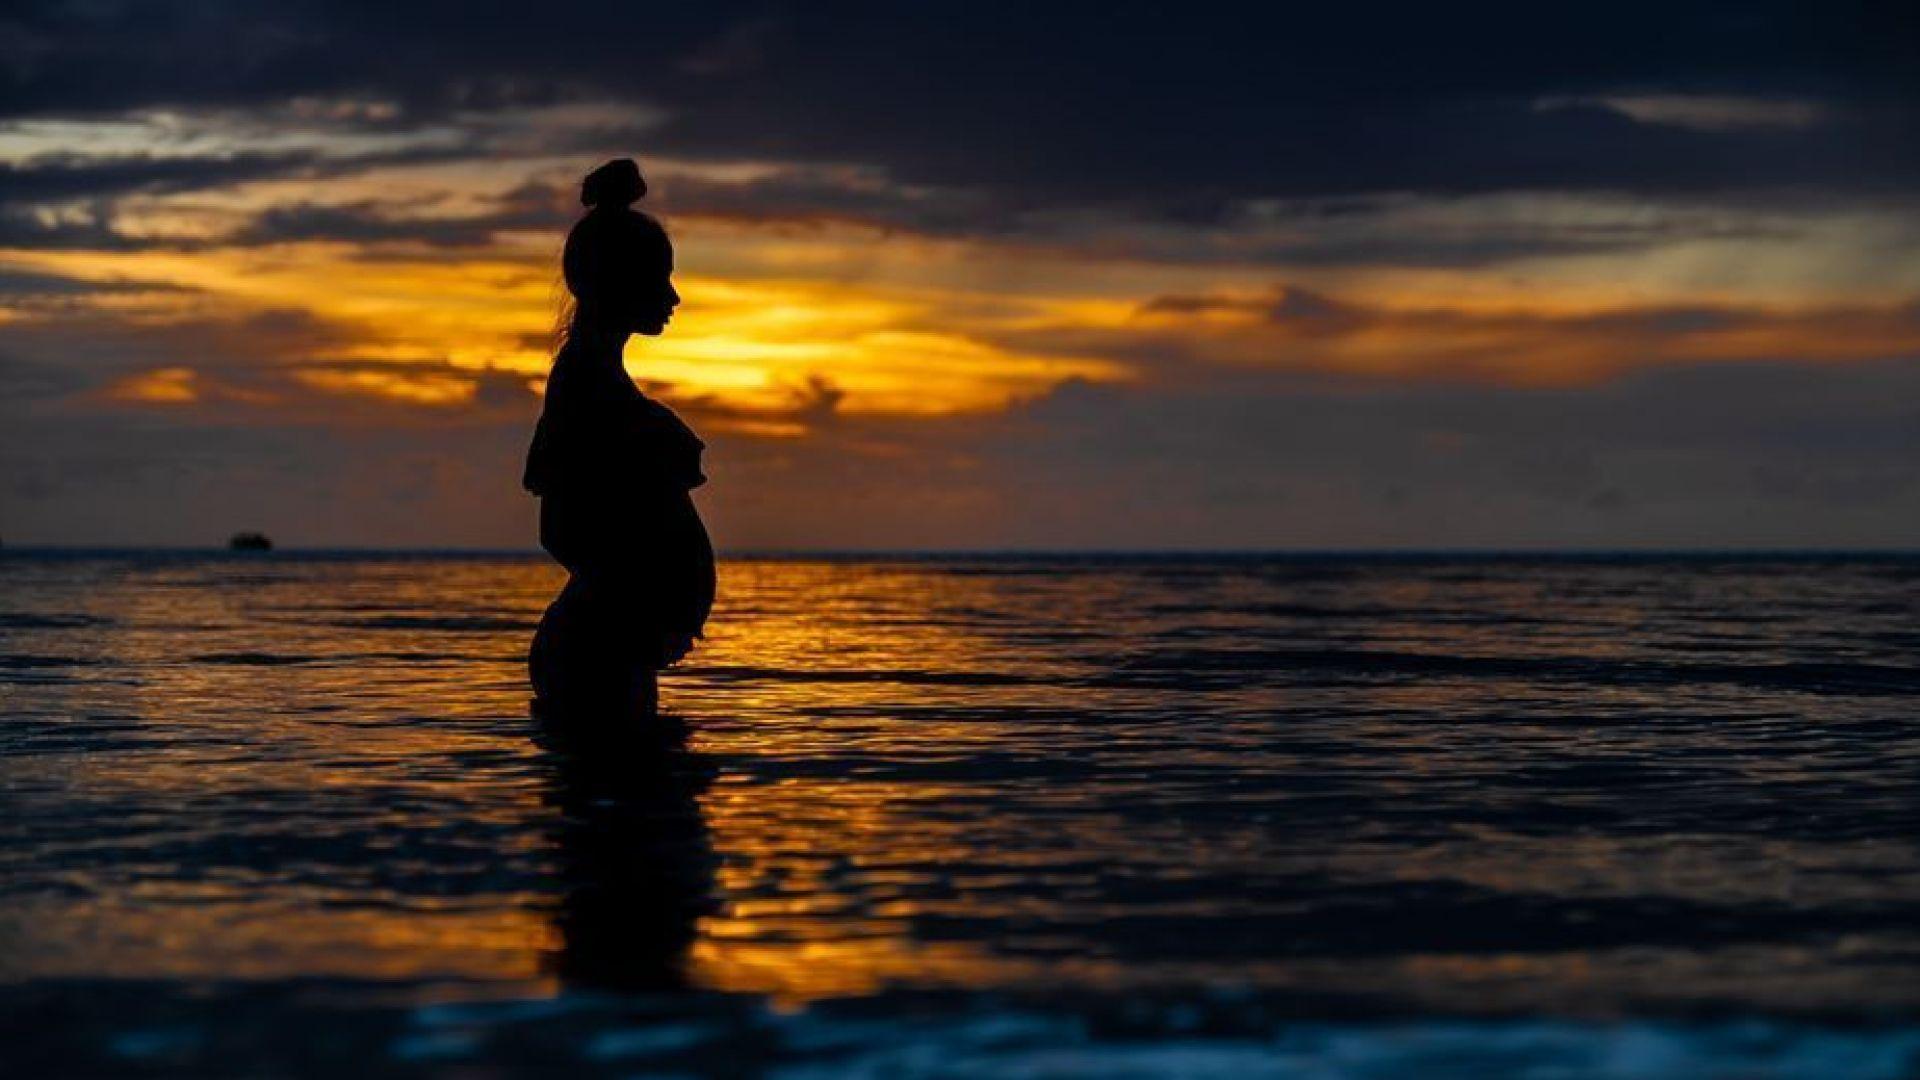 Алекс Енева стана майка за втори път. Дядо Маги се радва на най-хубавия коледен подарък